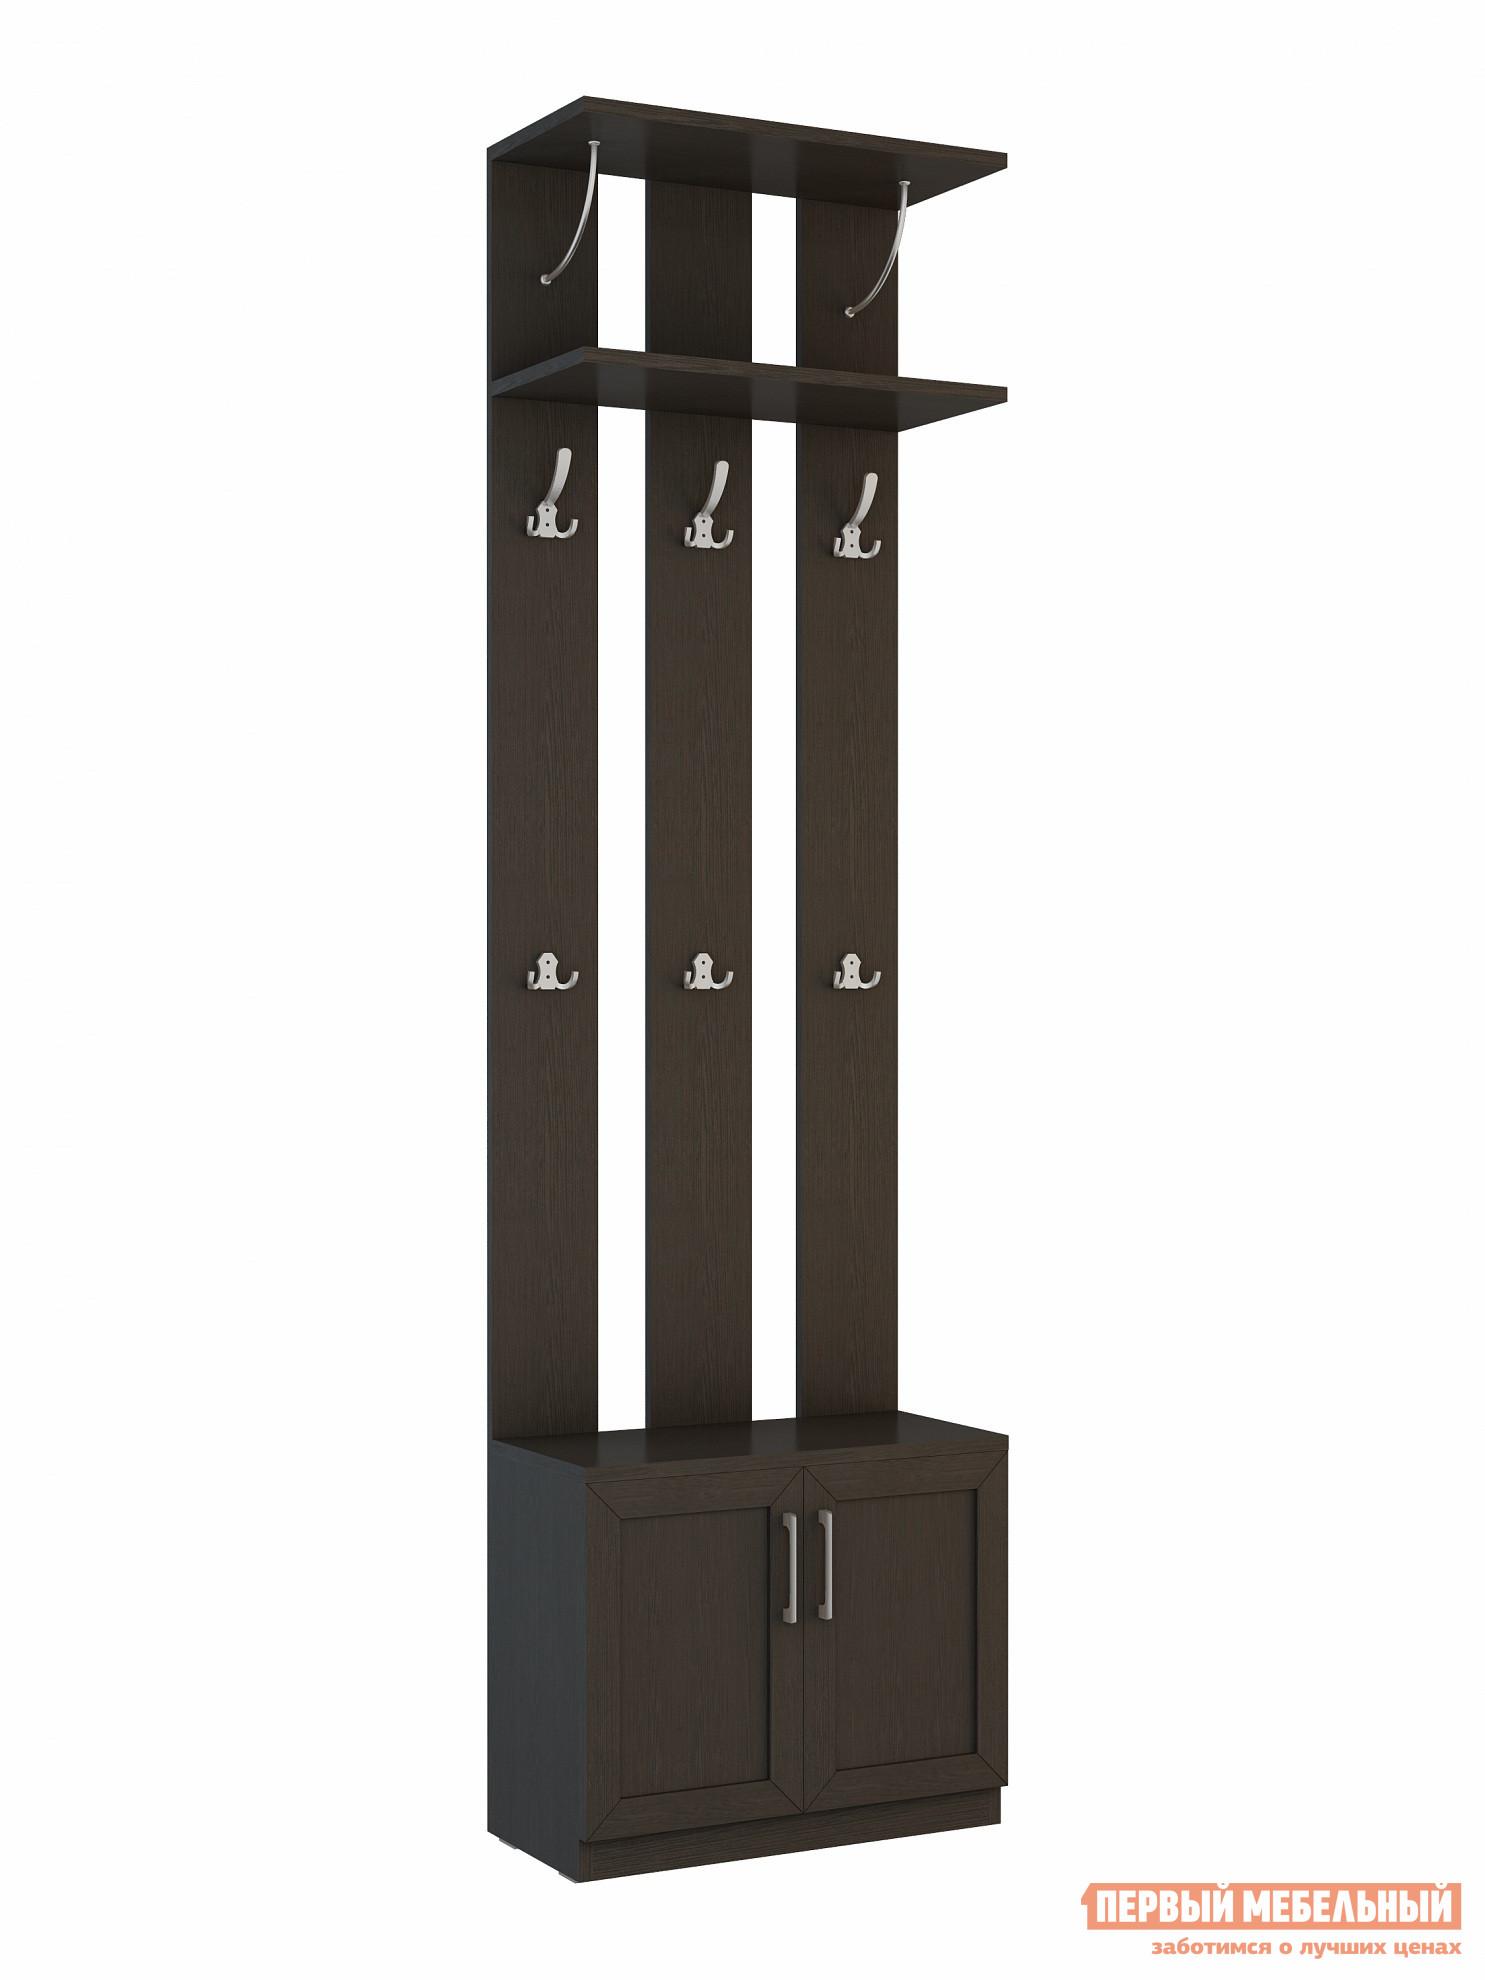 Малогабаритная прихожая для узкого коридора ВасКо СОЛО-060 надстройка васко соло 007 1303 для столов соло 005 соло 021